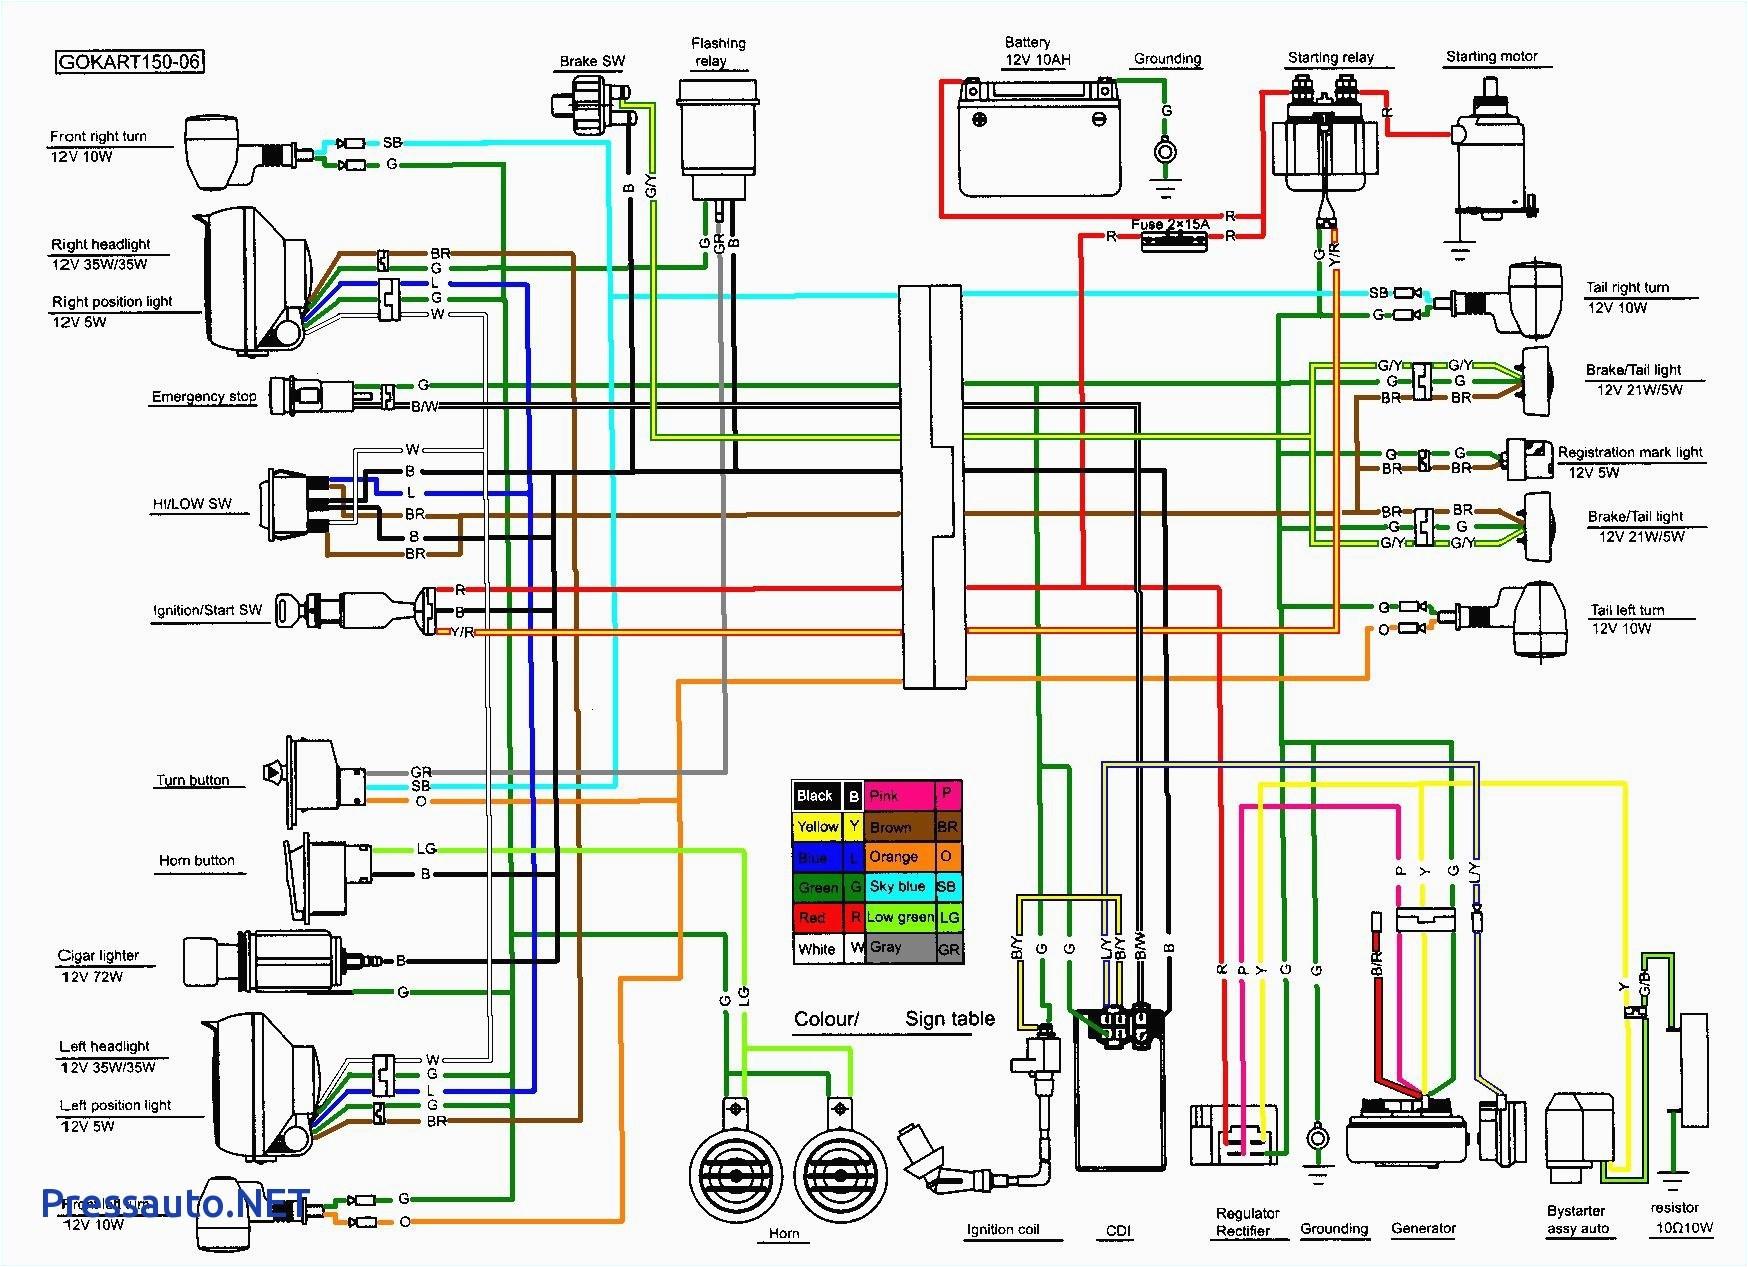 49cc atv wiring diagram